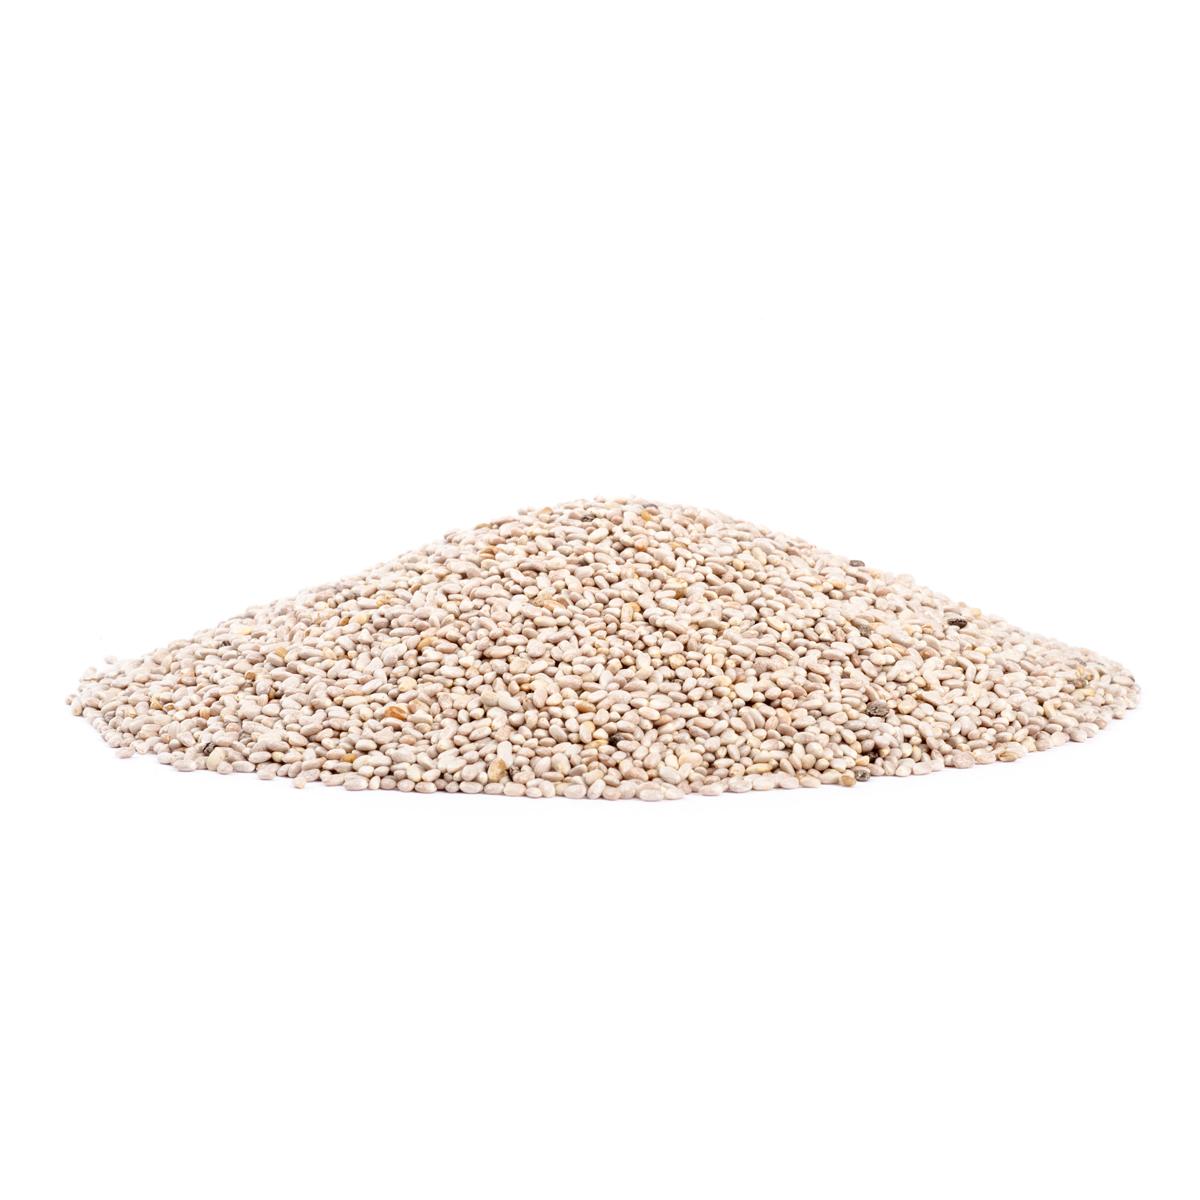 whitechiaseeds.166542875.1200x1200.jpg